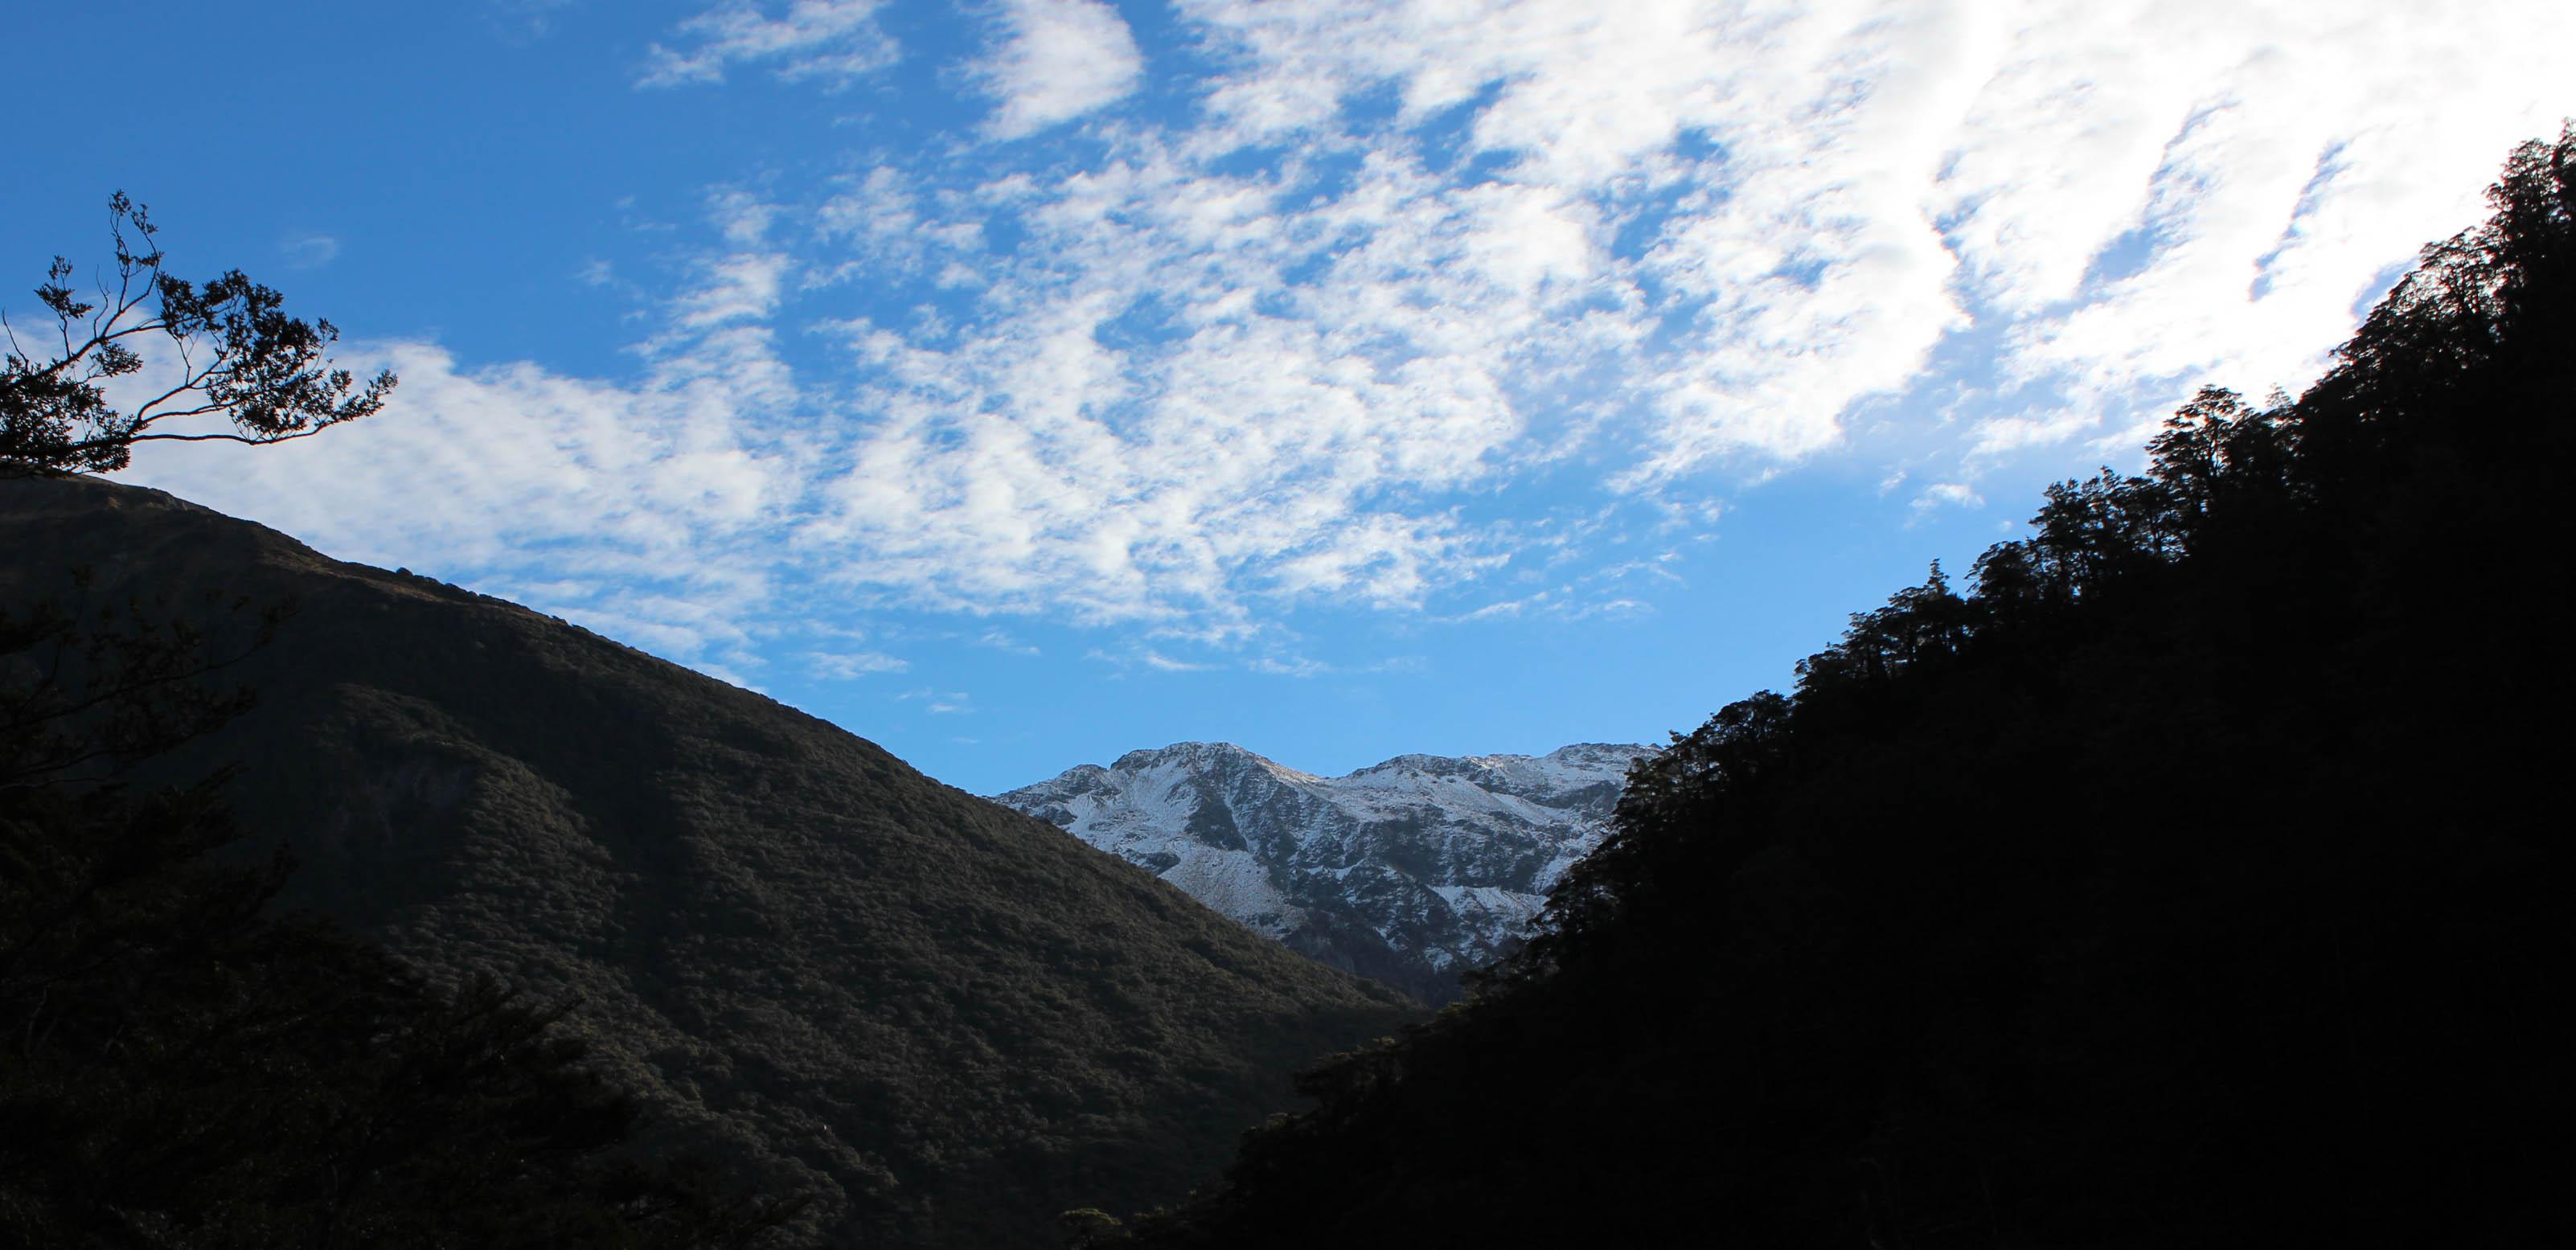 Nouvelle Zélande - Greymouth et Arthur's pass - les lubies de louise (15 sur 21)